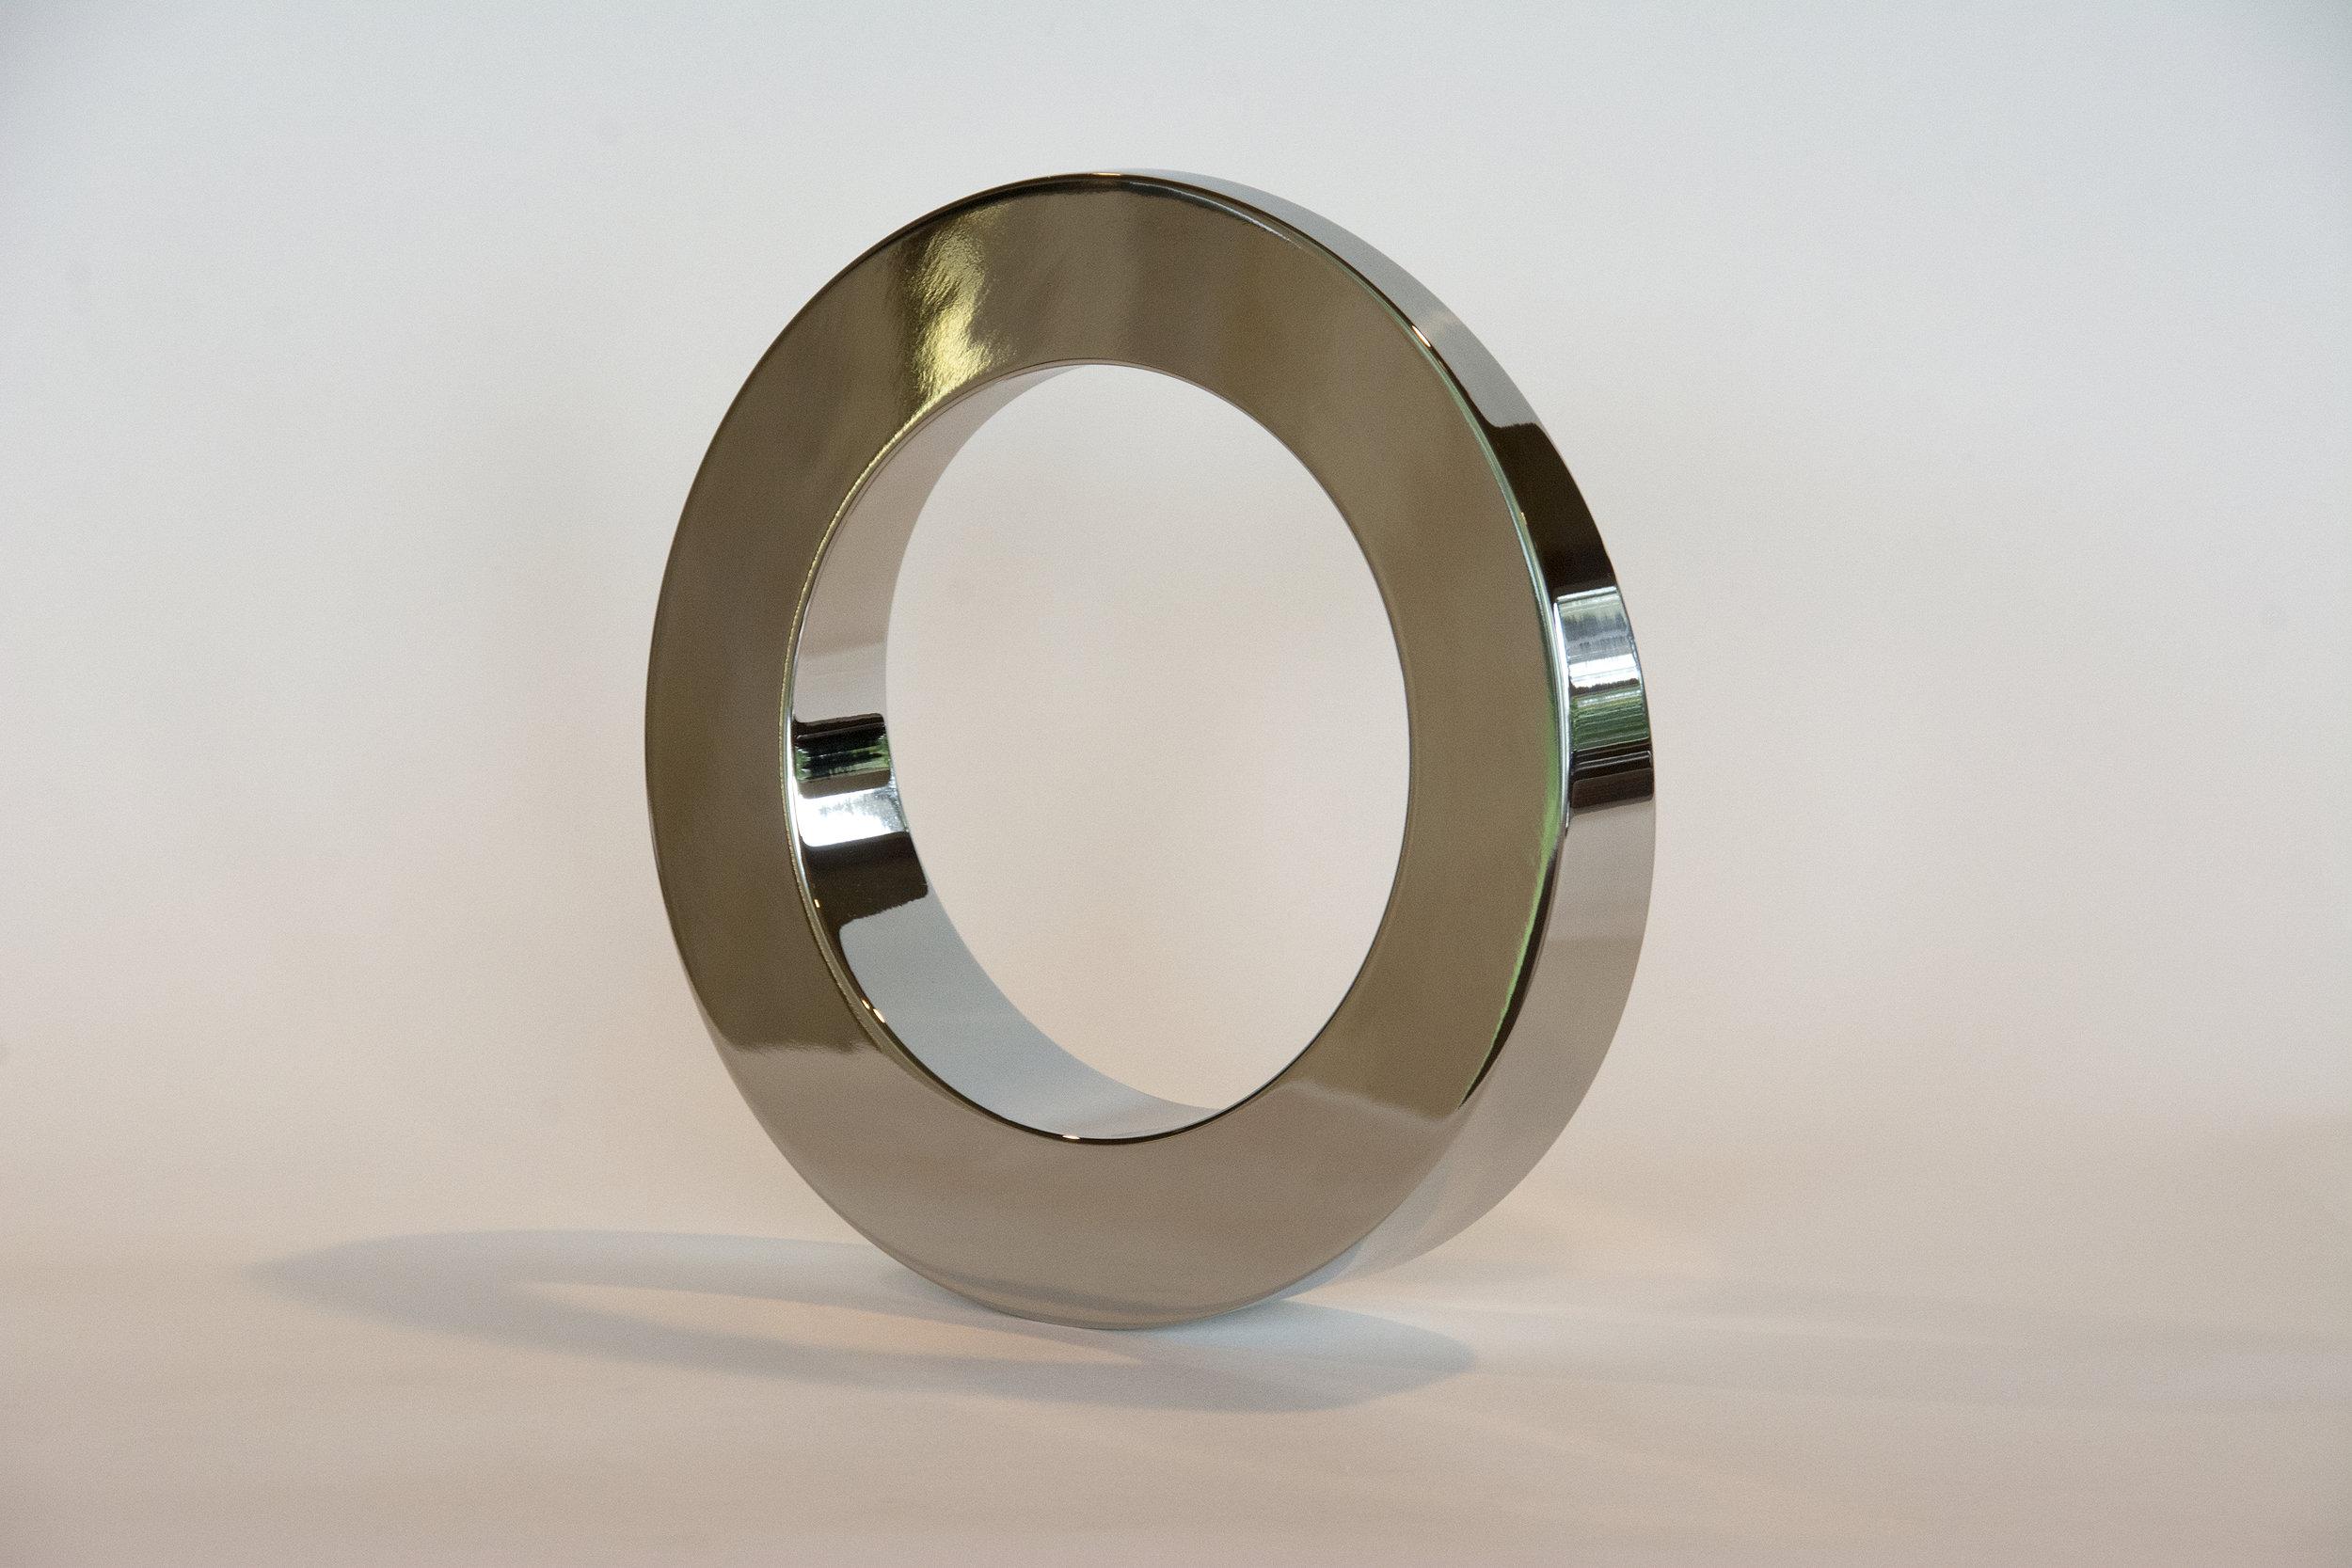 Stainless steel kinetic circle sculpture Tarik Currimbhoy